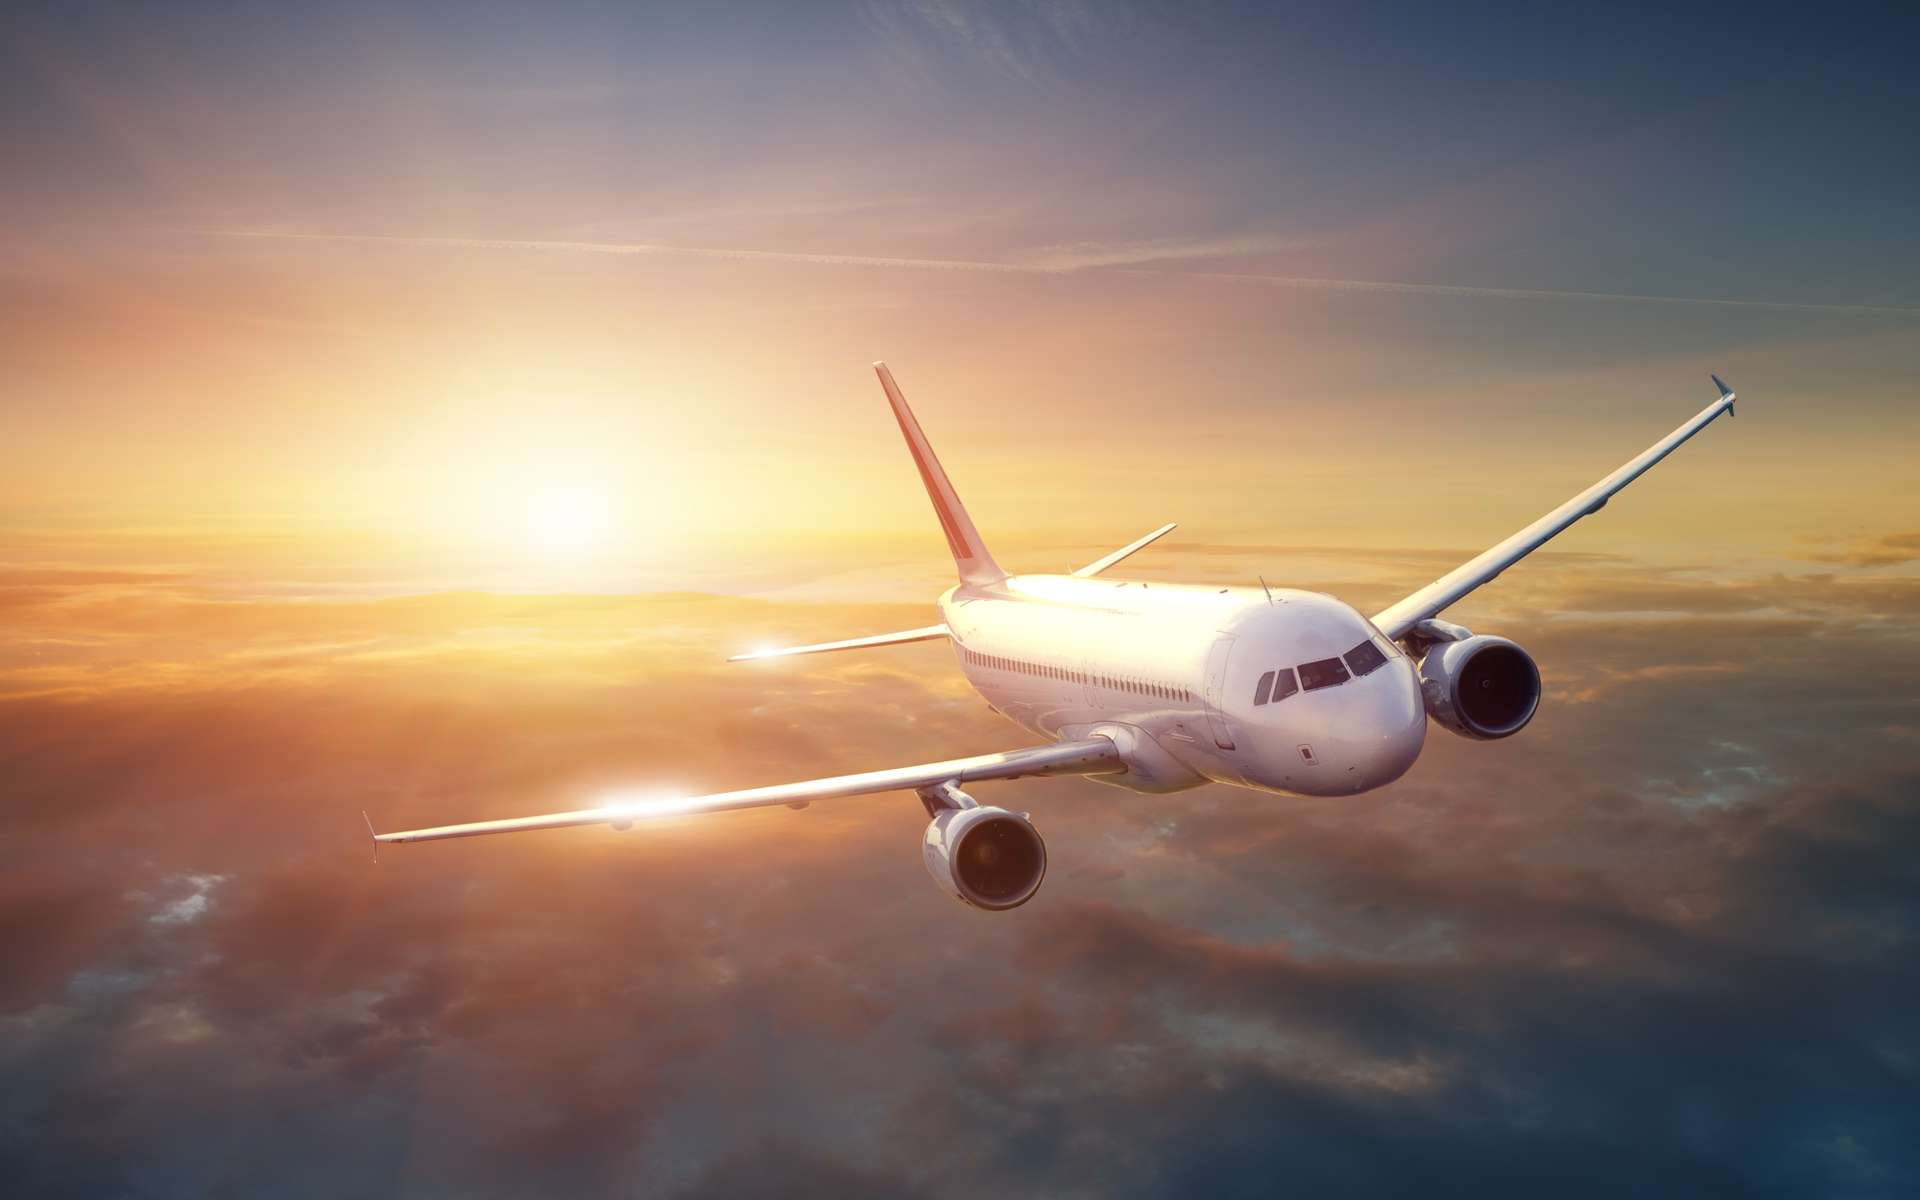 Au cours des prochaines décennies, les avions de ligne devraient consommer un peu plus de carburant, en moyenne, lors des liaisons transatlantiques entre l'Europe et l'Amérique du Nord. © IM_photo, Sutterstock